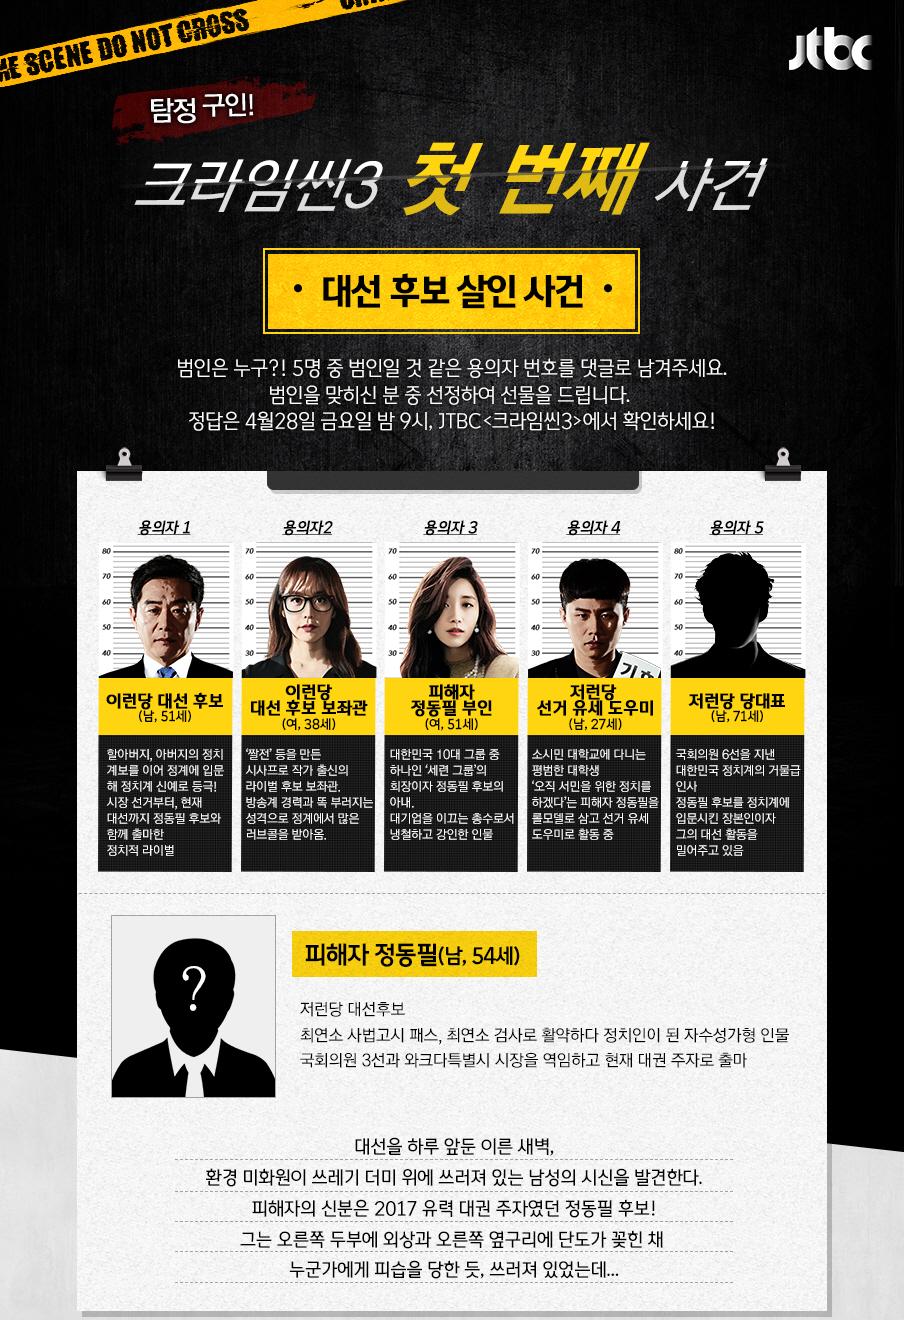 <크라임씬3> 첫 번째 에피소드부터 강렬하다! '대선 후보 살인 사건'